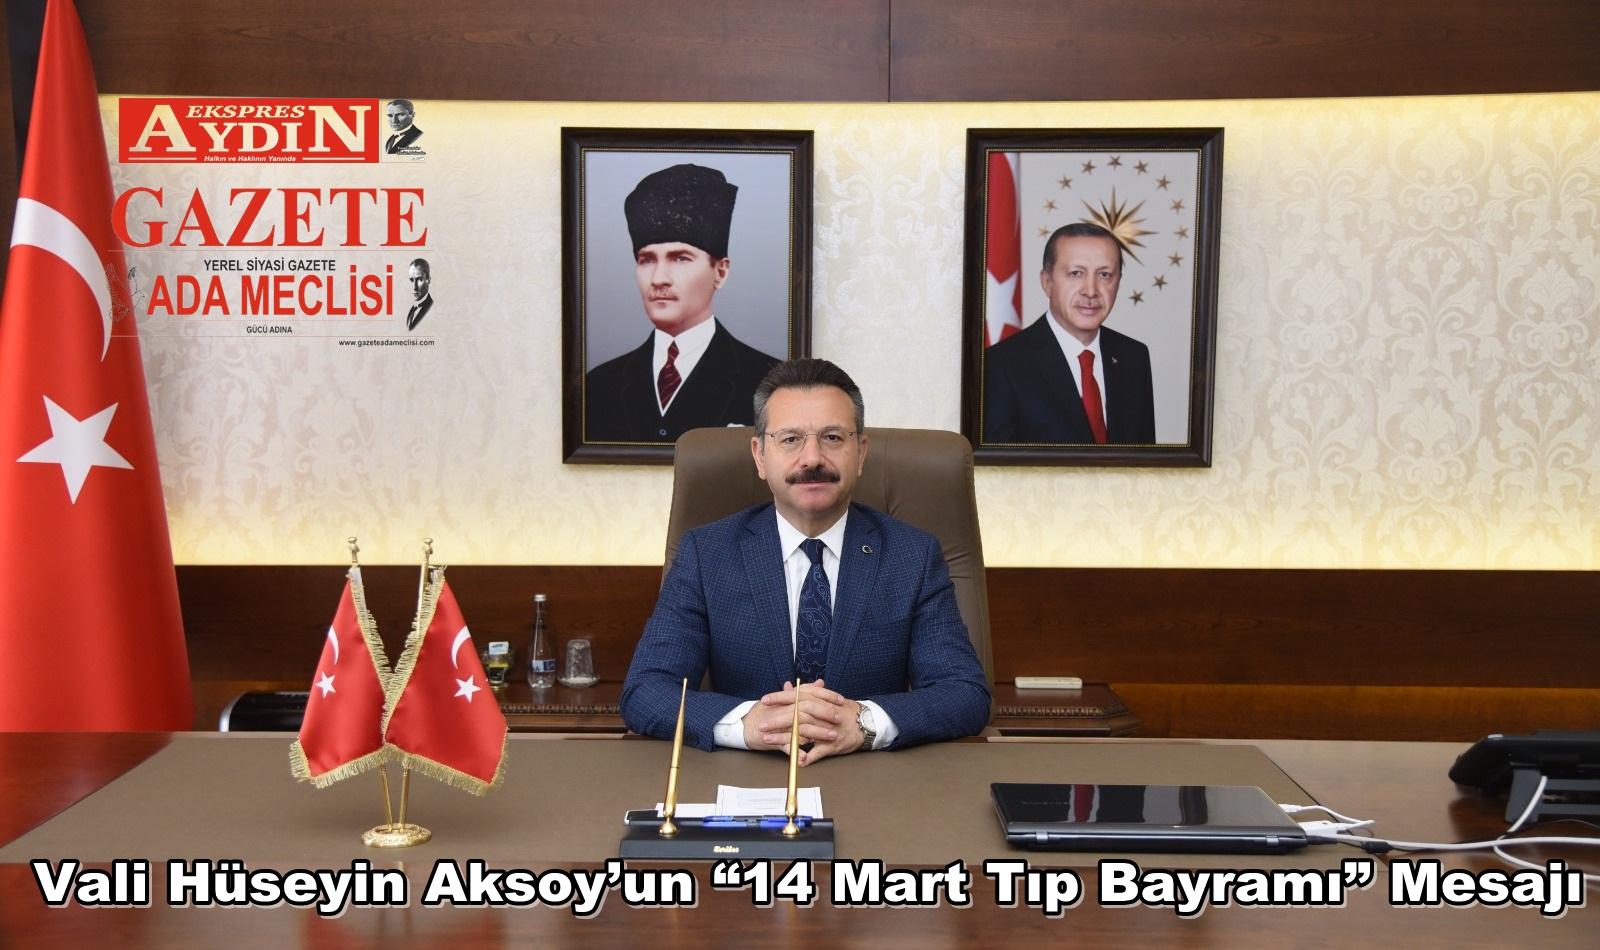 """Vali Hüseyin Aksoy'un """"14 Mart Tıp Bayramı"""" Mesajı"""